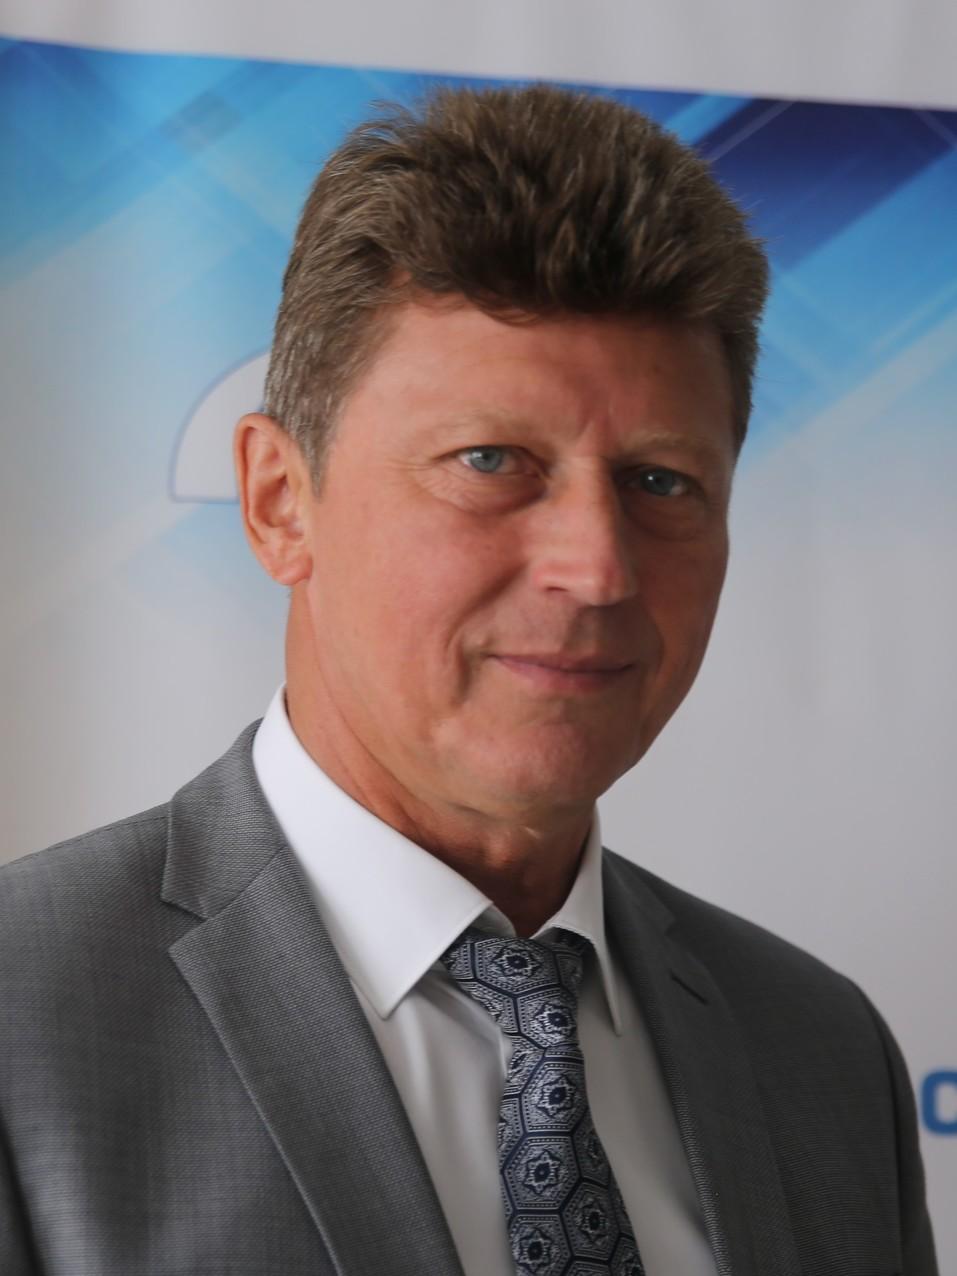 Прессинг со стороны мошенников: в Красноярске обсудили проблемы страховой отрасли 3